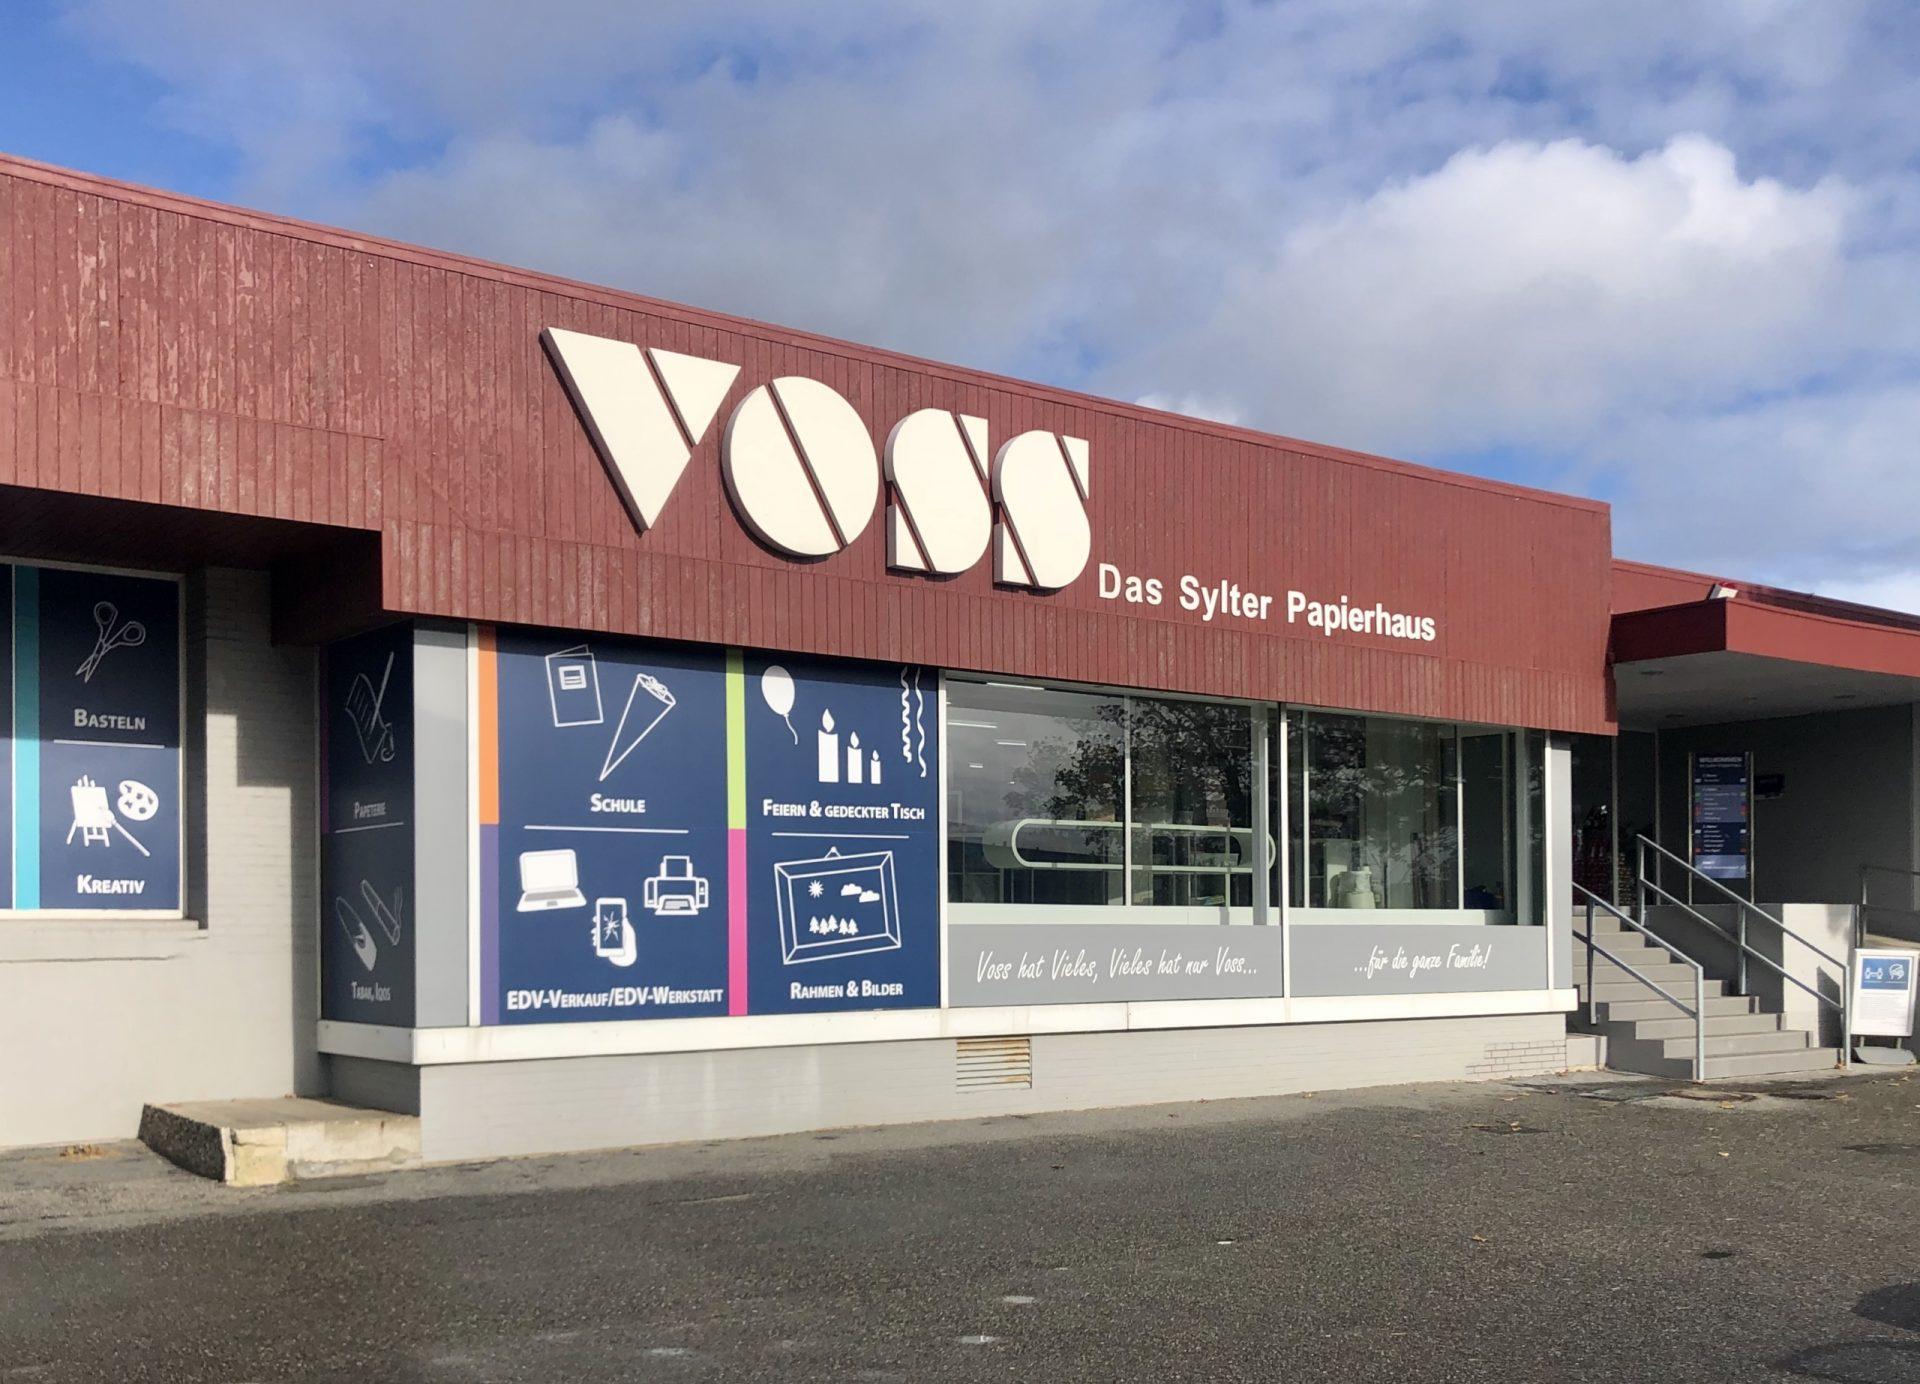 VOSS - Das Sylter Papierhaus